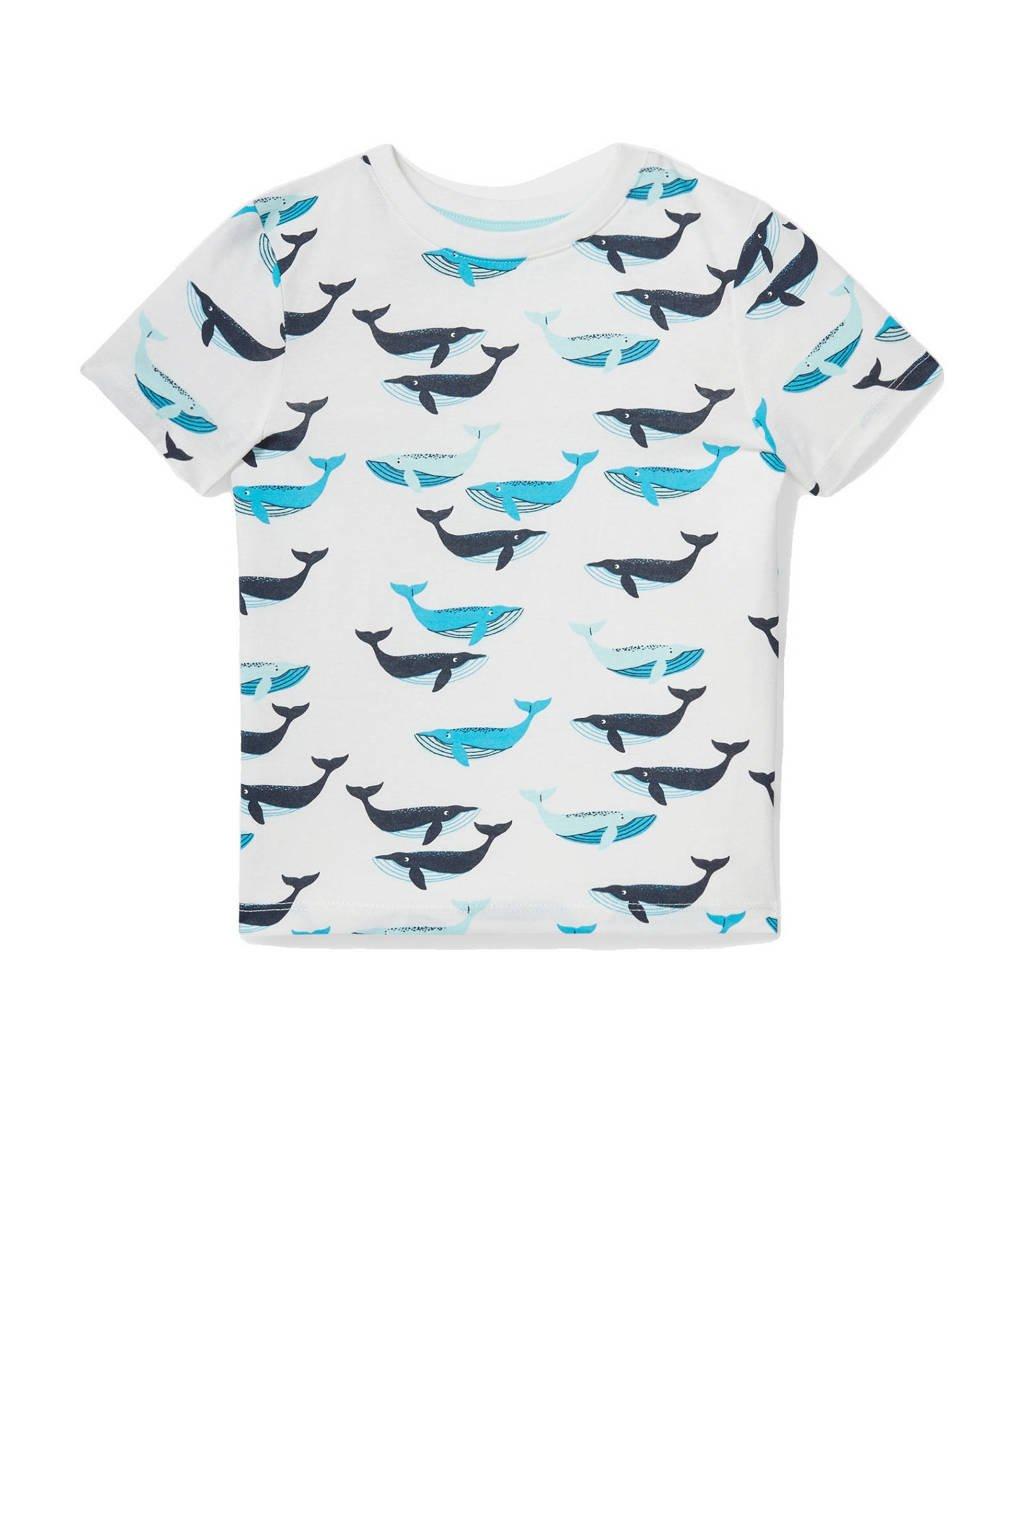 C&A T-shirt van biologisch katoen ecru/blauw/donkerblauw, Ecru/blauw/donkerblauw